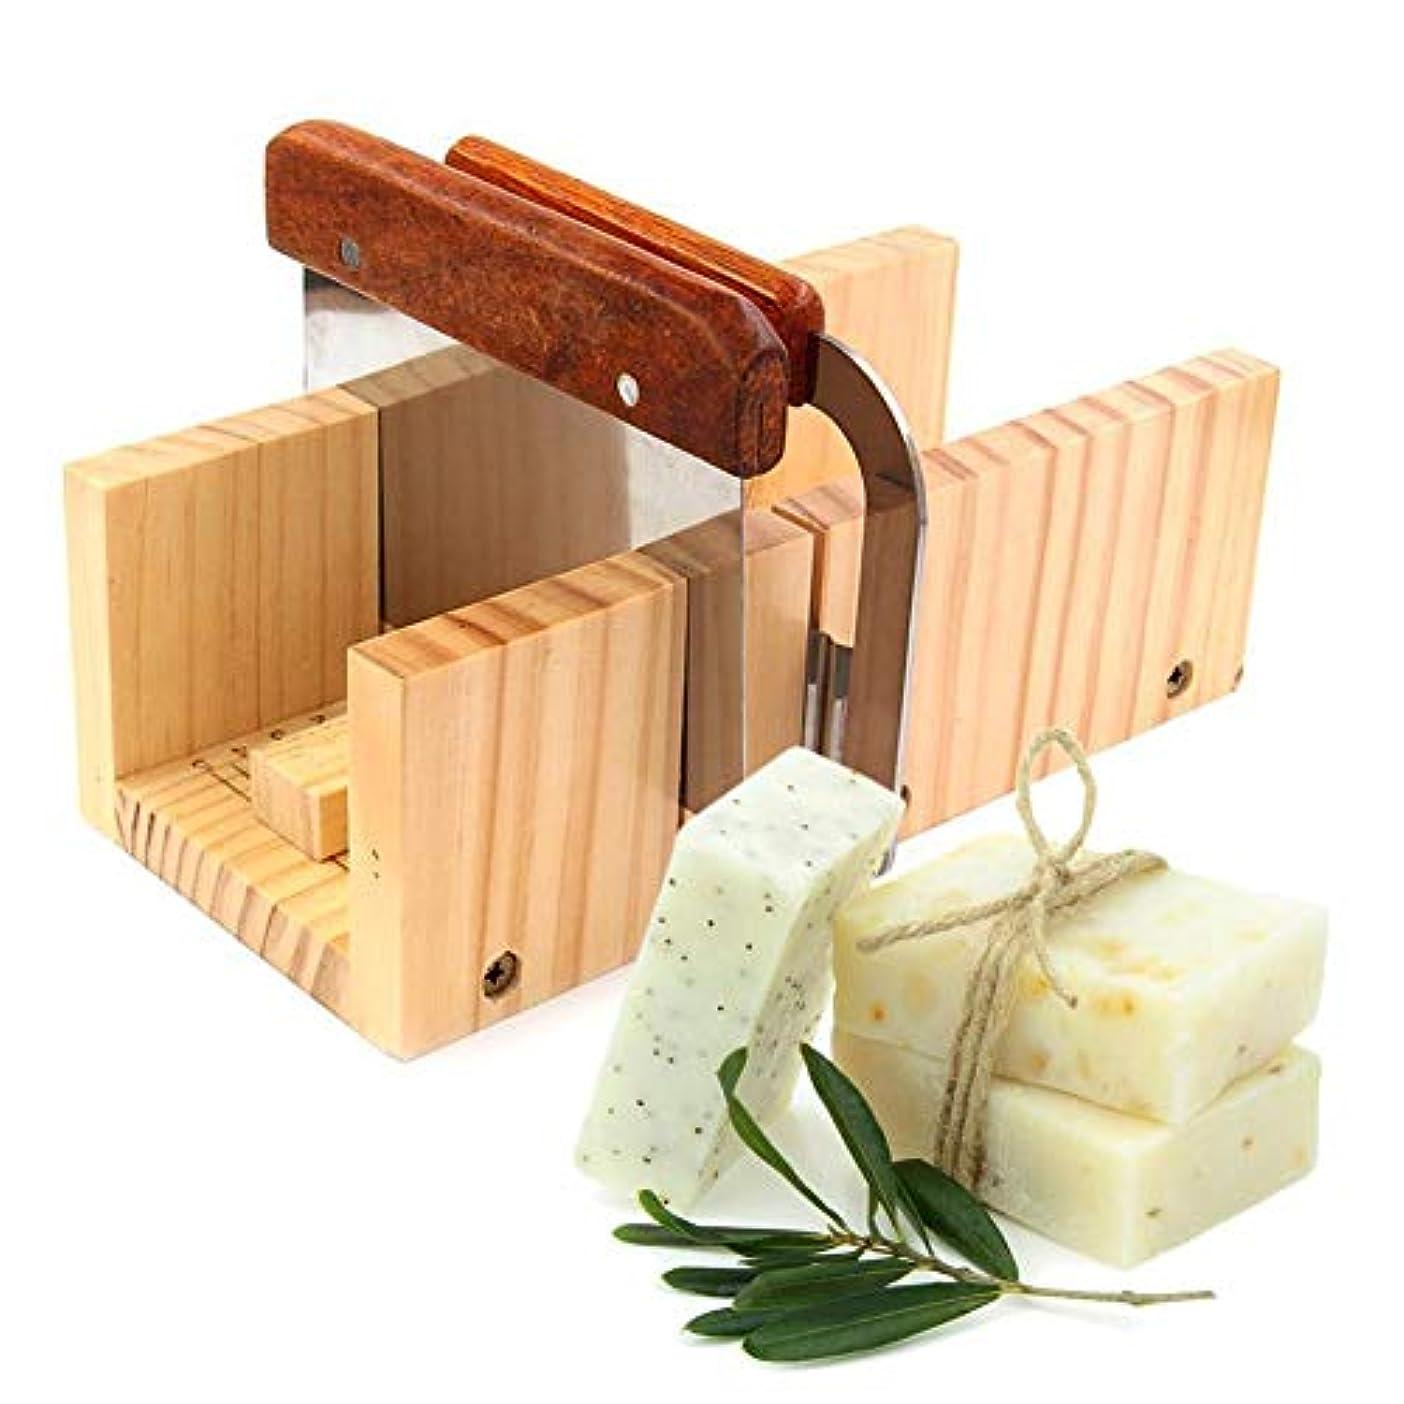 容器分羨望Ragem ソープカッター 手作り石鹸金型 木製 ローフカッターボックス 調整可能 多機能ソープ切削工具 ストレートプレーニングツール